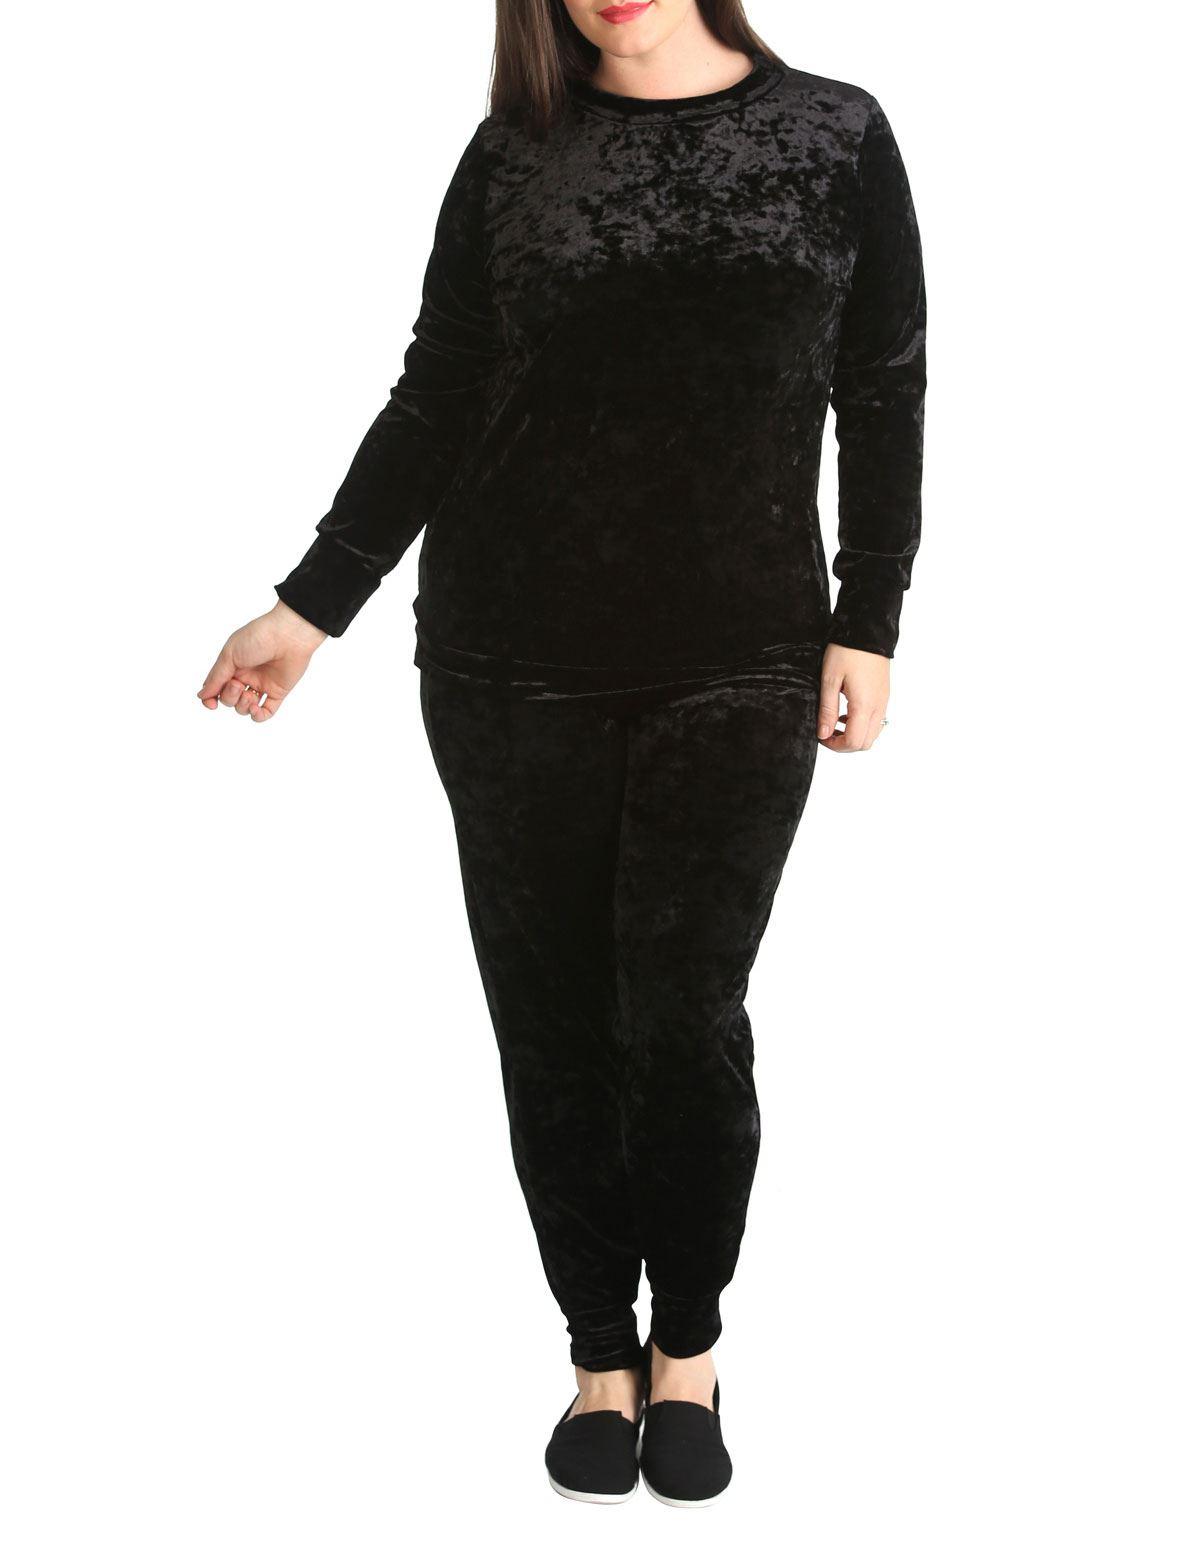 Femme Ladies Manches Longues Salon Usure Survêtement Décontracté Confort Tunique